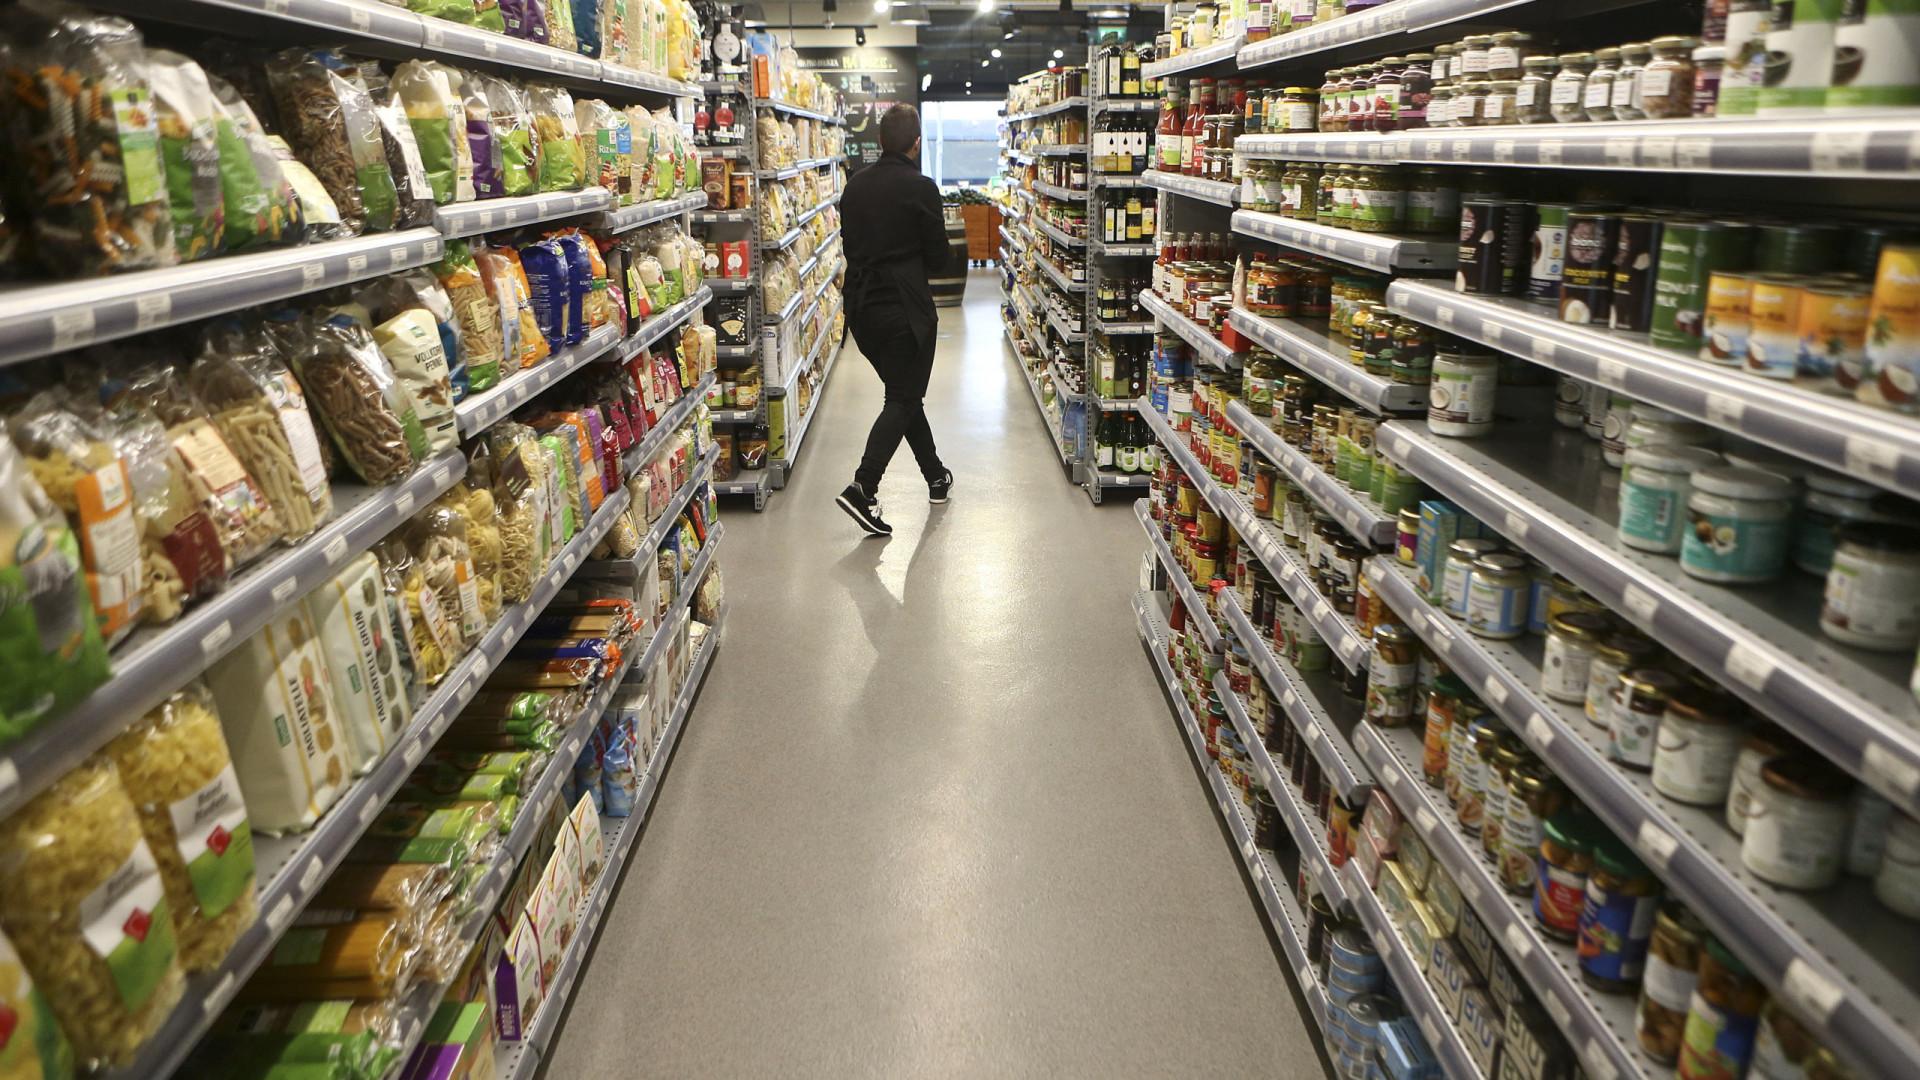 Portugal com segunda maior quebra mensal nas vendas a retalho em outubro